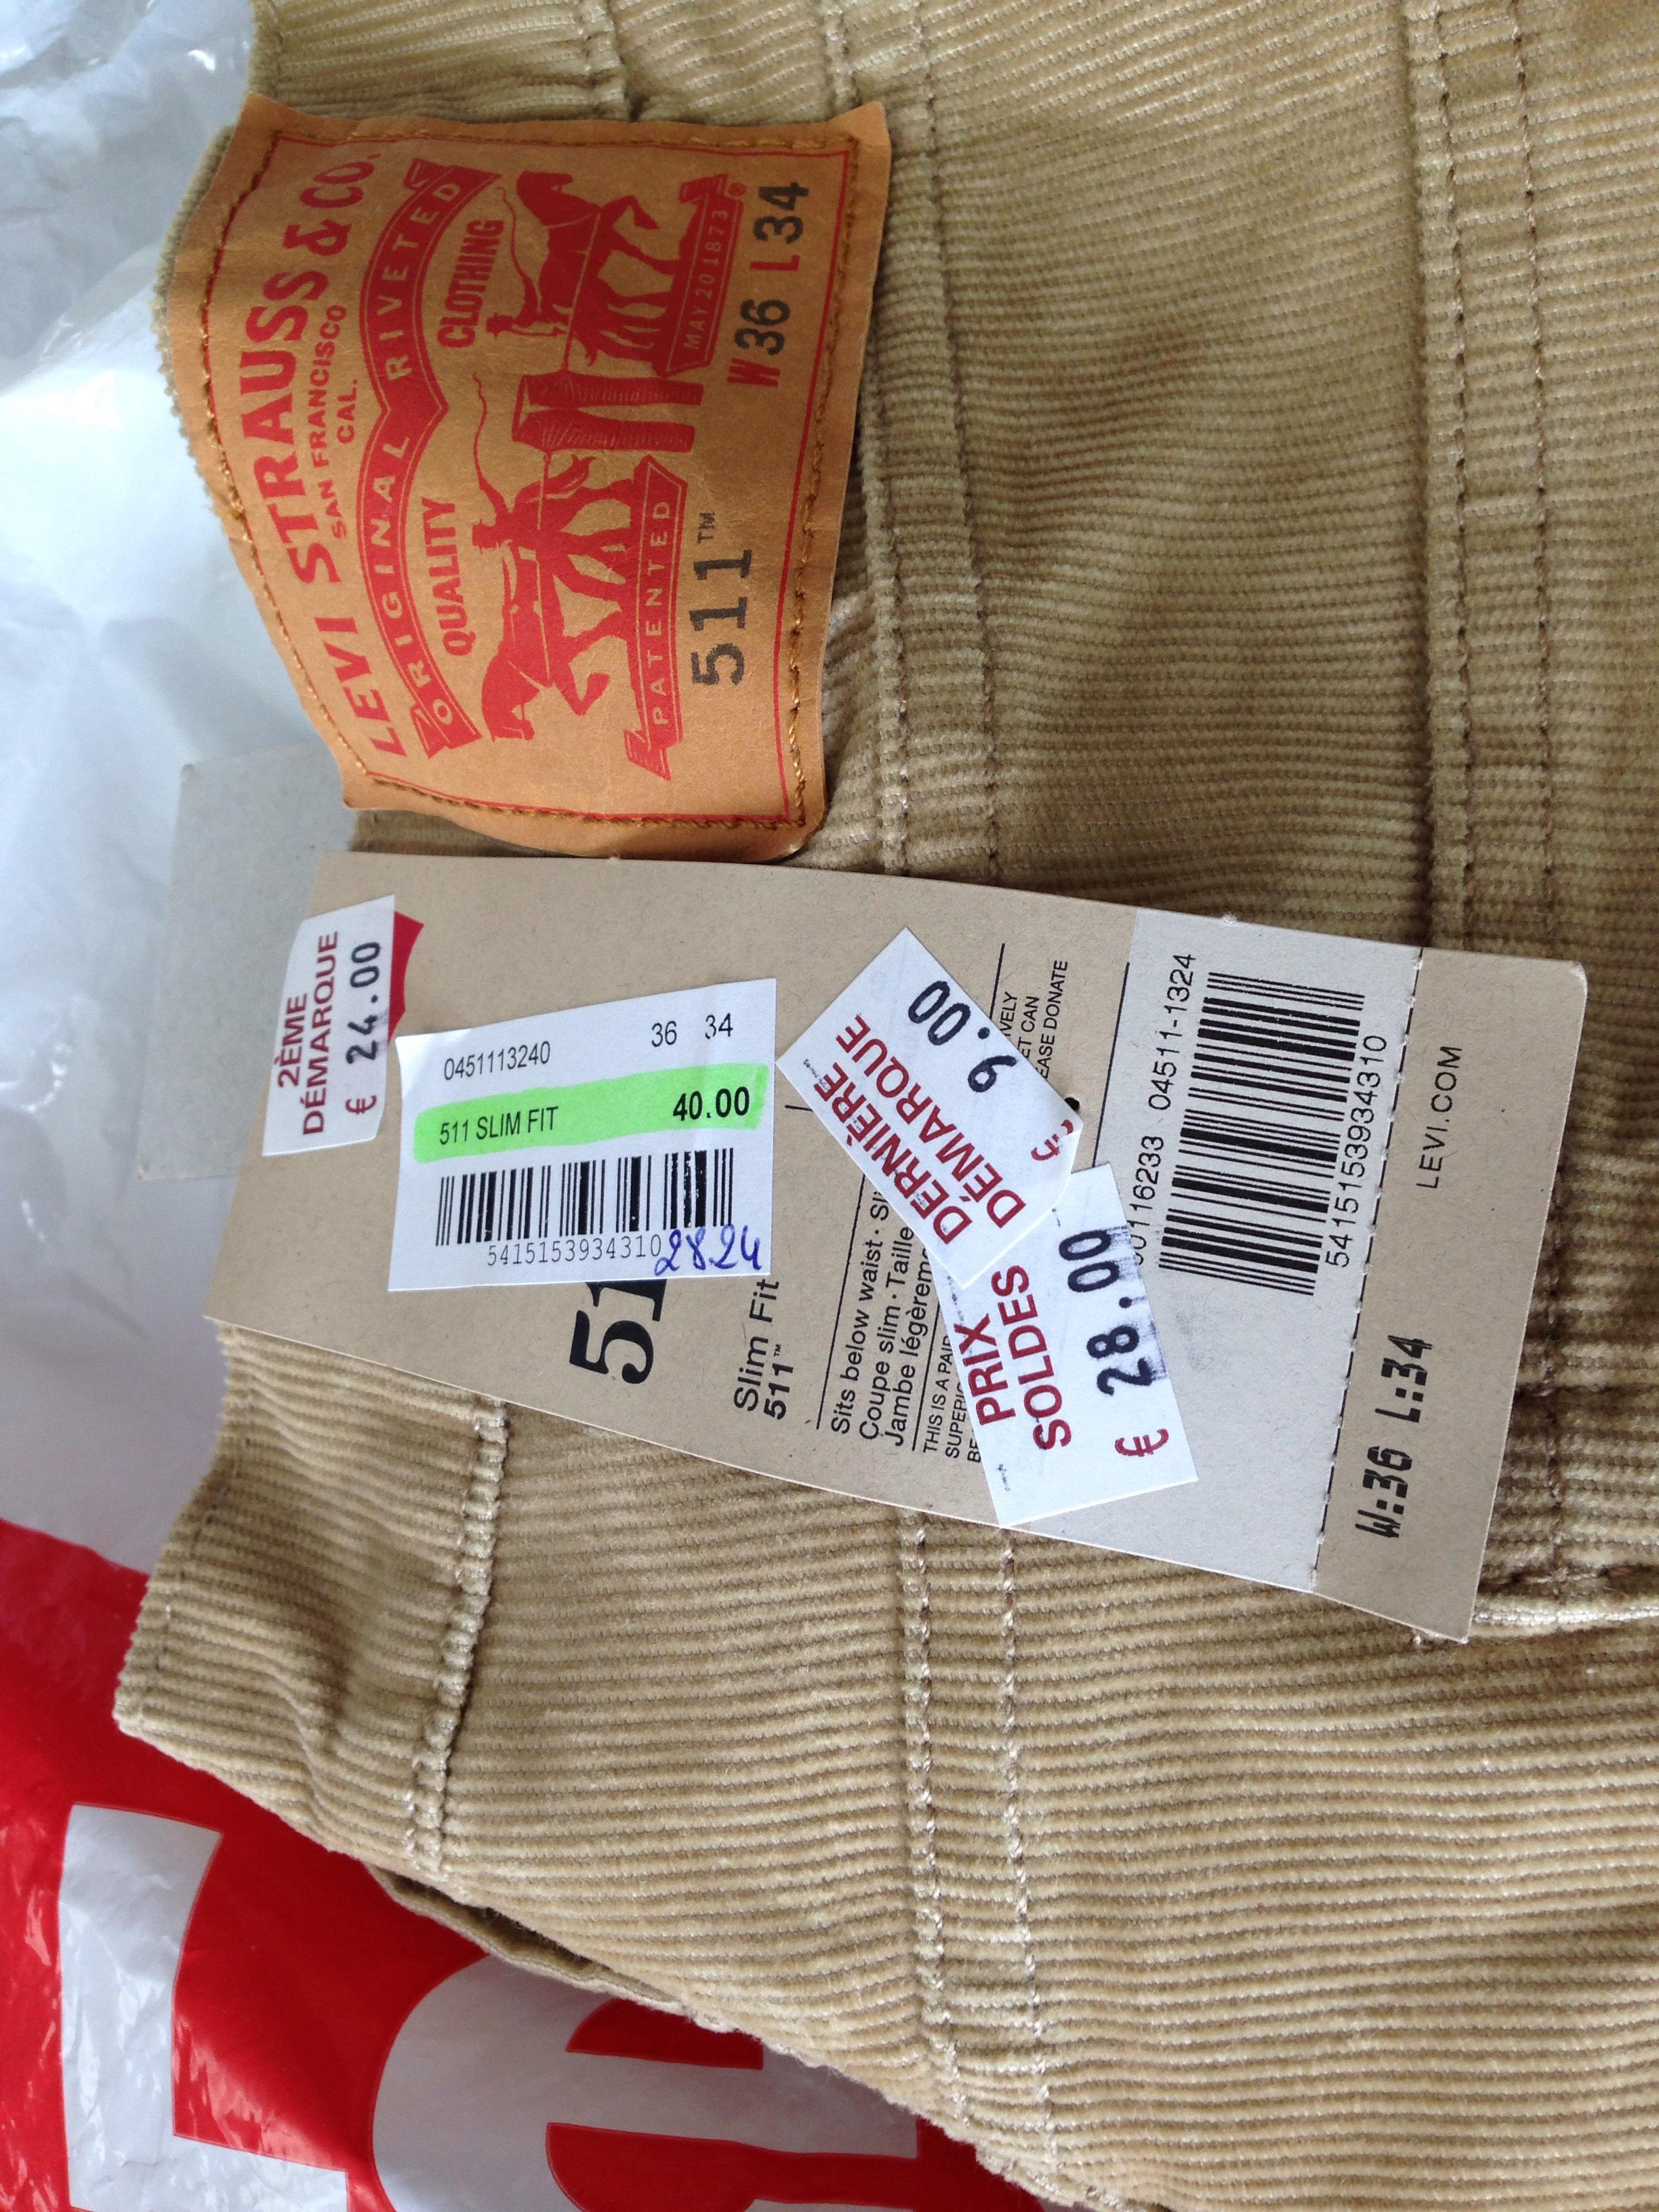 Sélection de jeans Levi's et Dockers soldés - Ex : Levi's 511 Slim Fit en velours